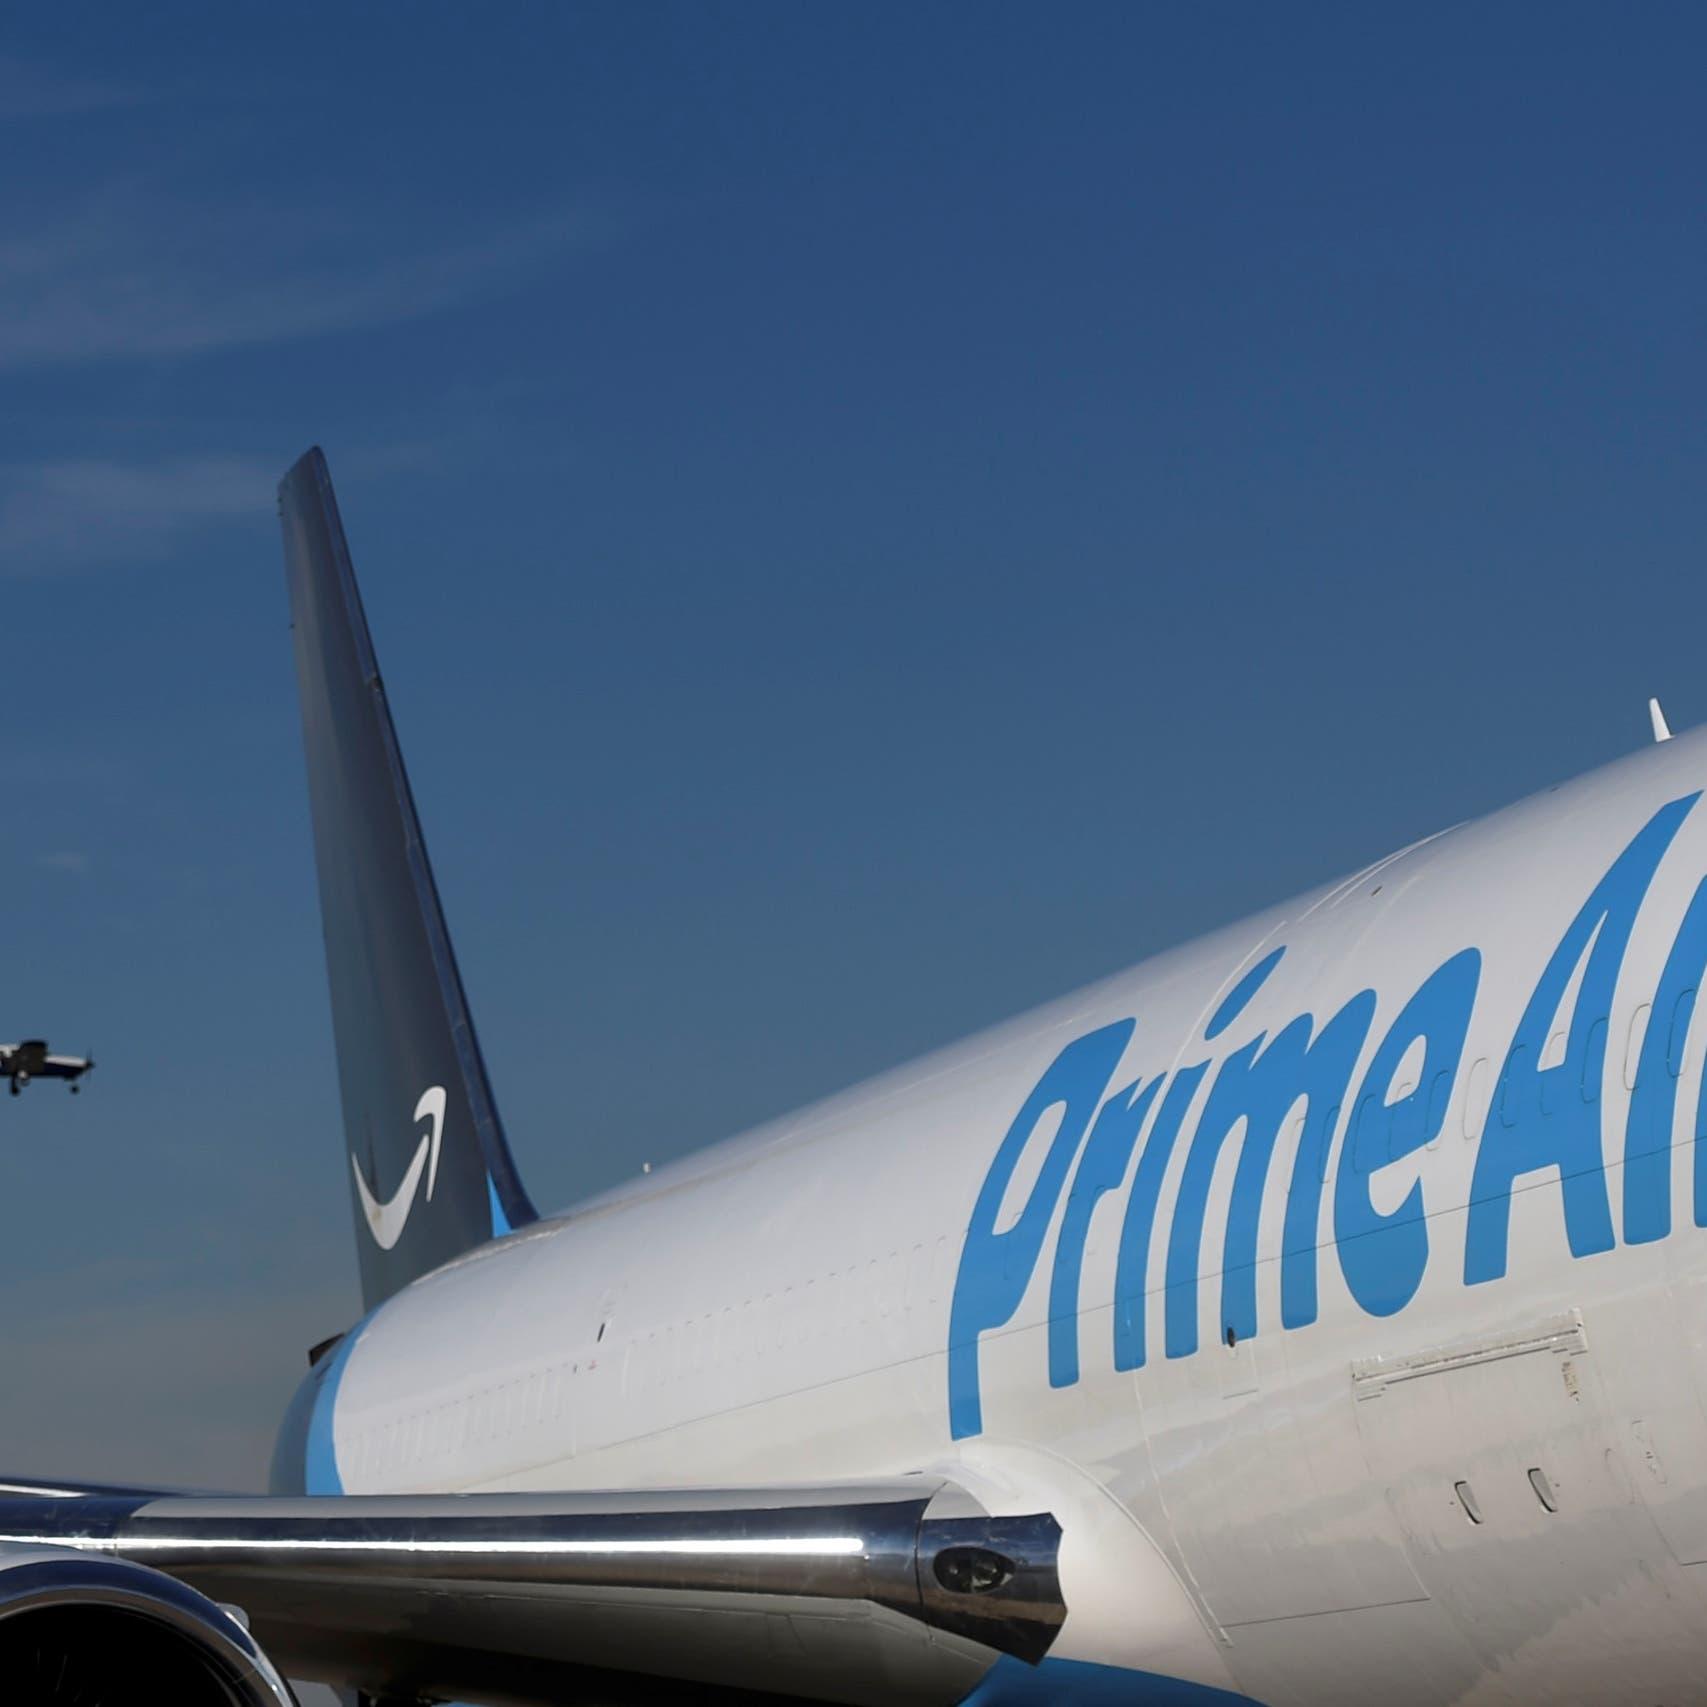 أمازون تعزز ريادتها في التجارة الإلكترونية بمركز جديد للشحن الجوي